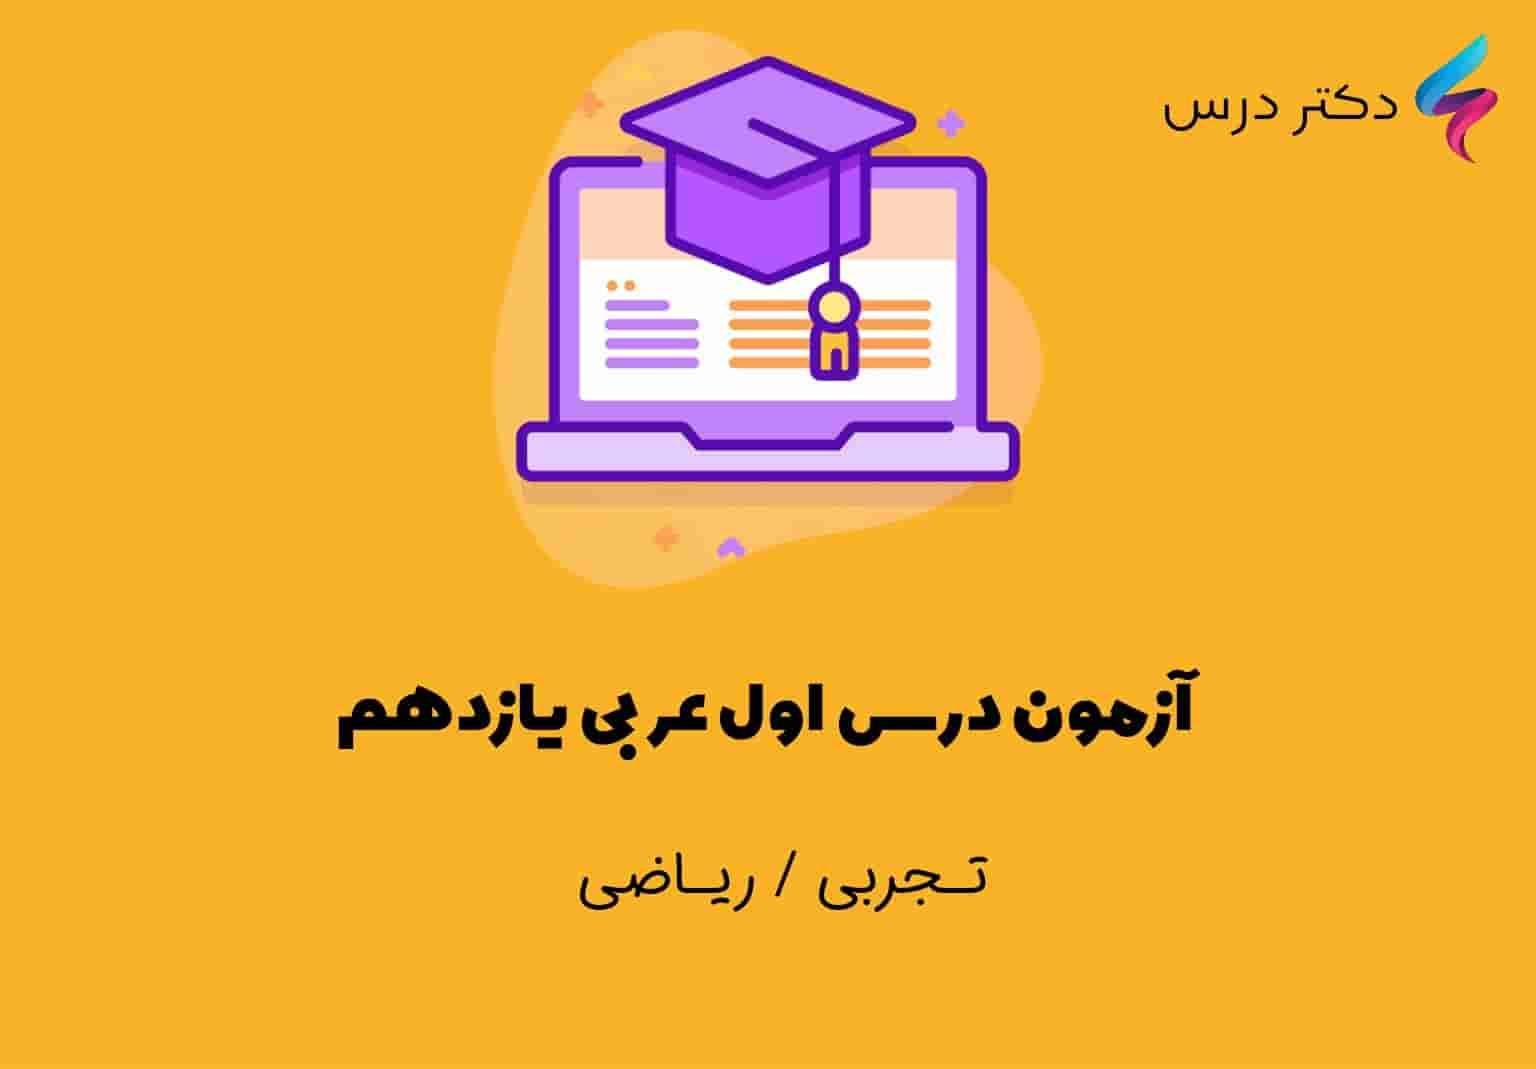 آزمون درس اول عربی یازدهم تجربی و ریاضی همراه با تست و پاسخ تشریحی